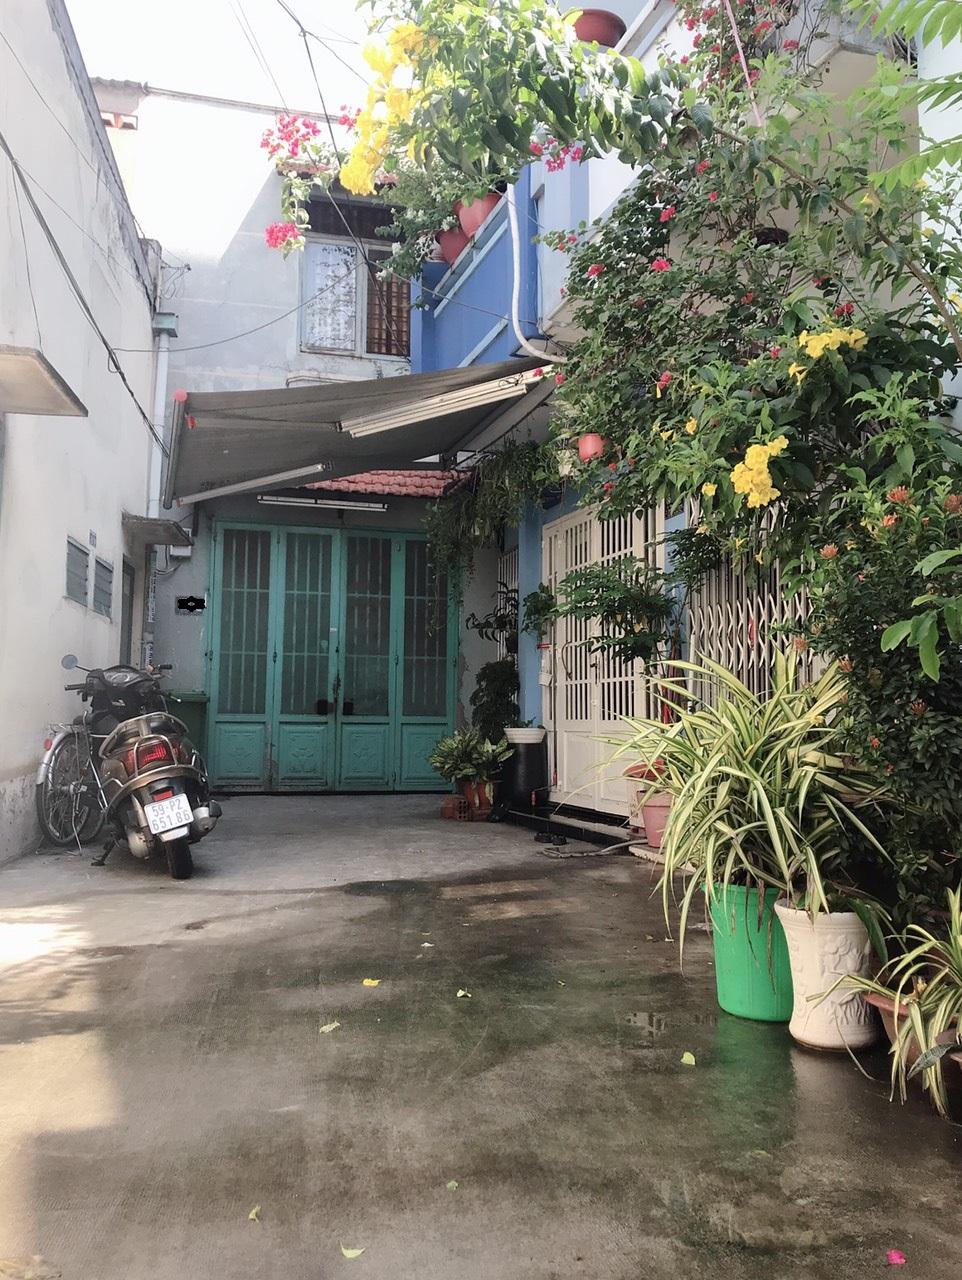 Bán nhà hẻm 65 Tân Kỳ Tân Quý phường Tân Sơn Nhì quận Tân Phú giá rẻ